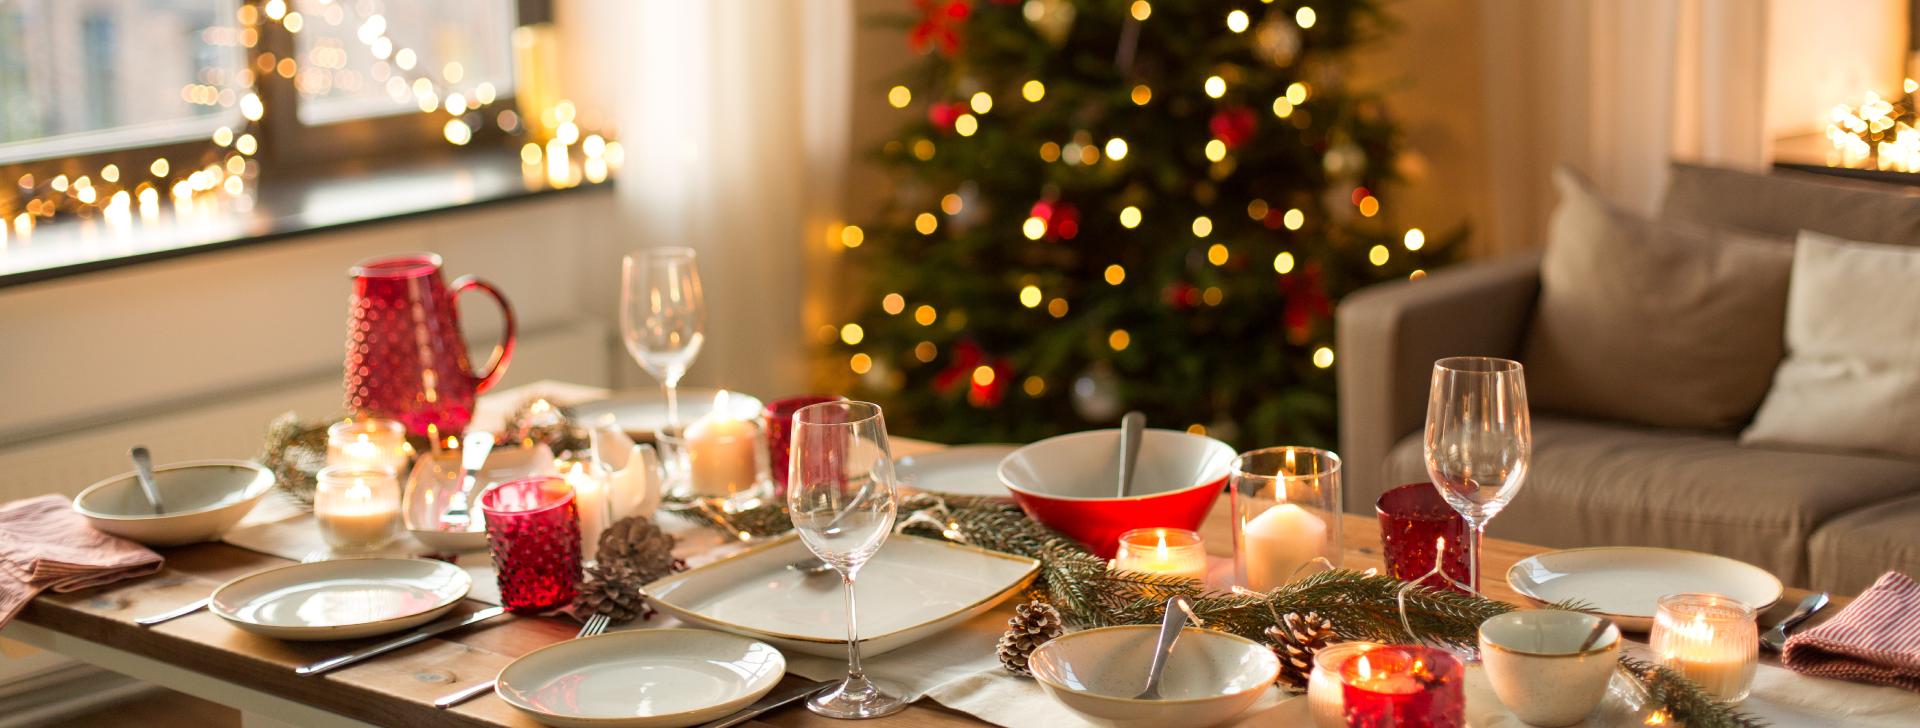 Have a naughty and nice Christmas!